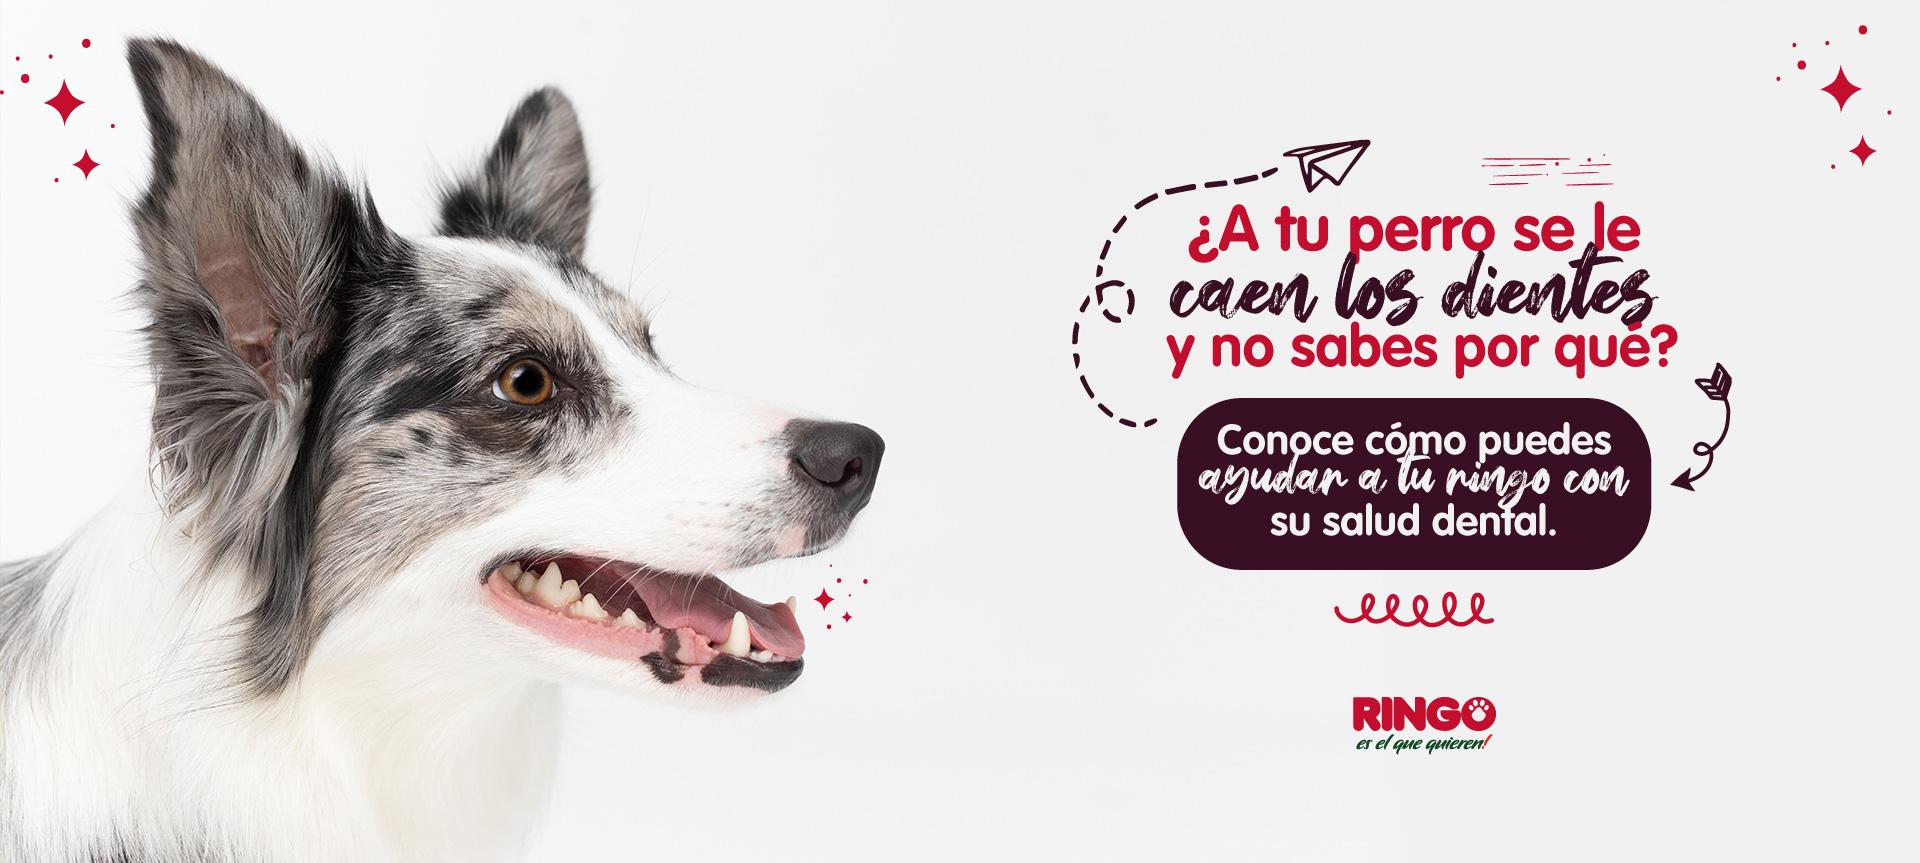 Cuidado dental en cachorros y perros senior